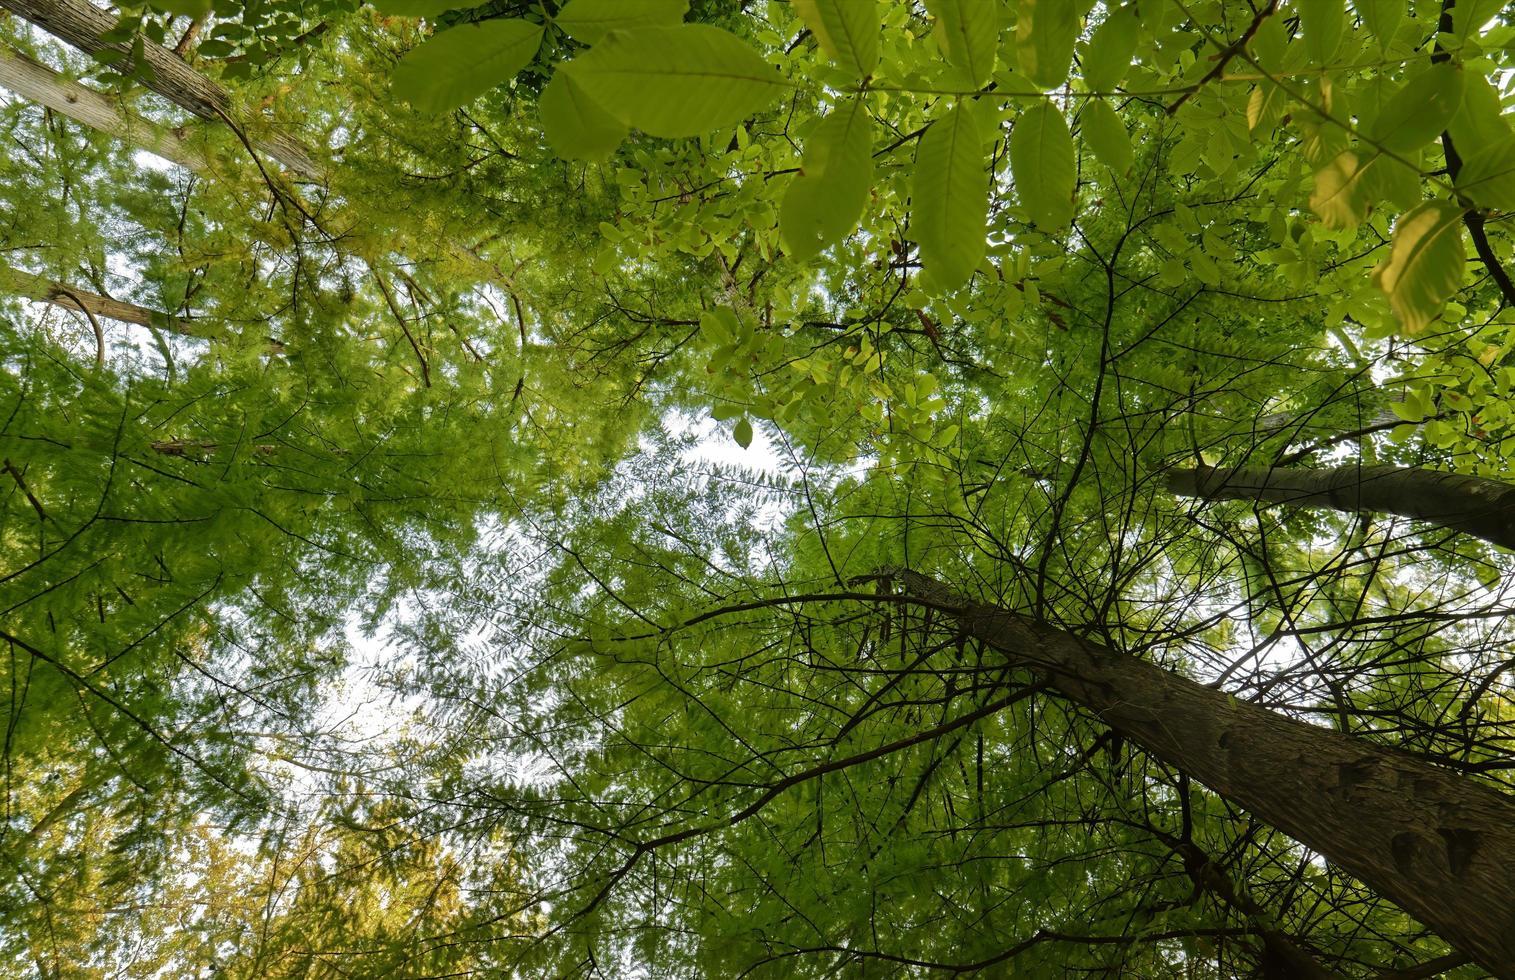 árboles forestales en otoño foto